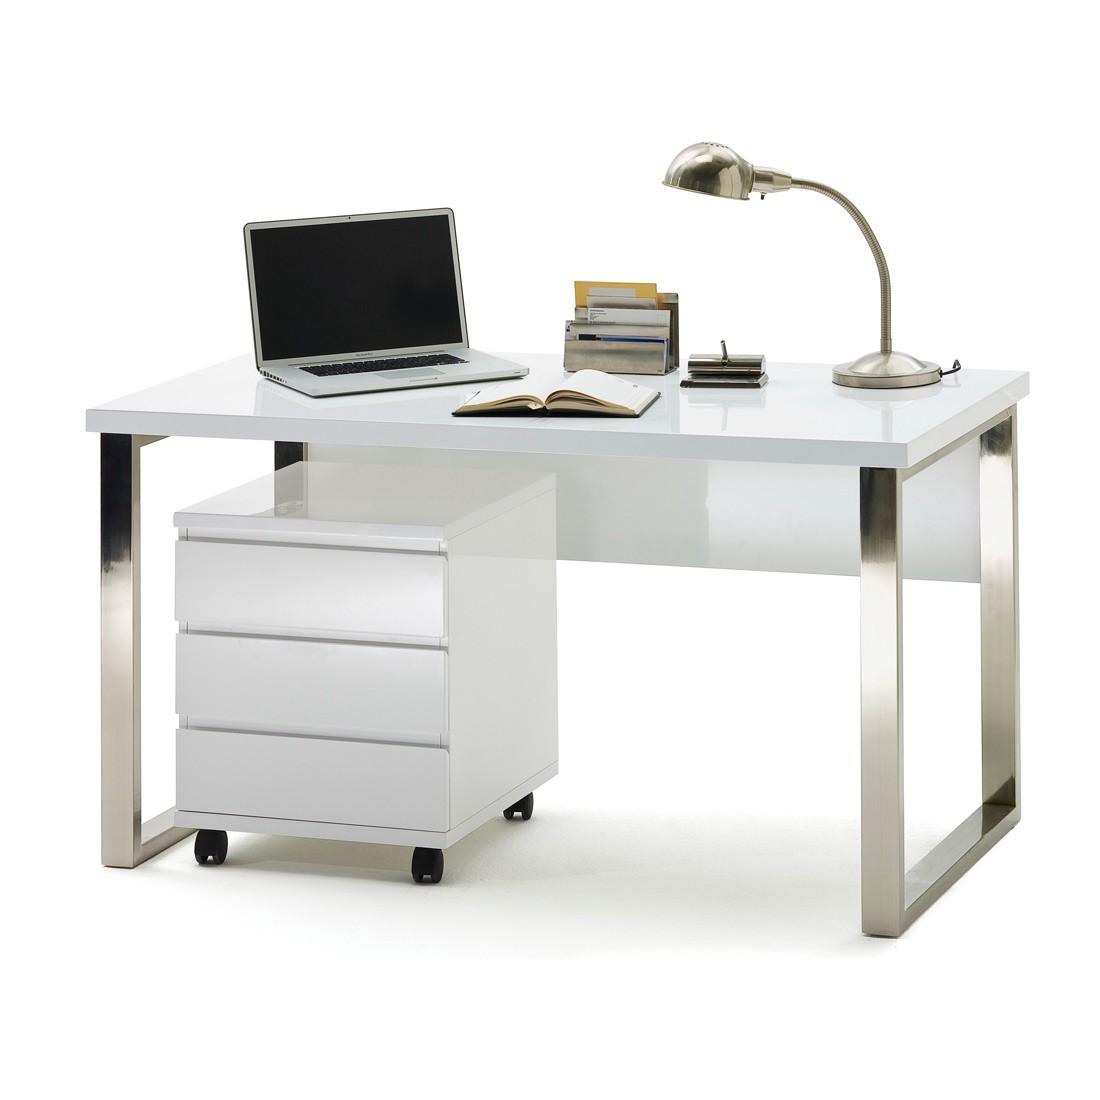 Paddingtonset Schreibtisch (2-teilig) – Schreibtisch & Rollcontainer – Hochglanz Weiß, home24office jetzt kaufen